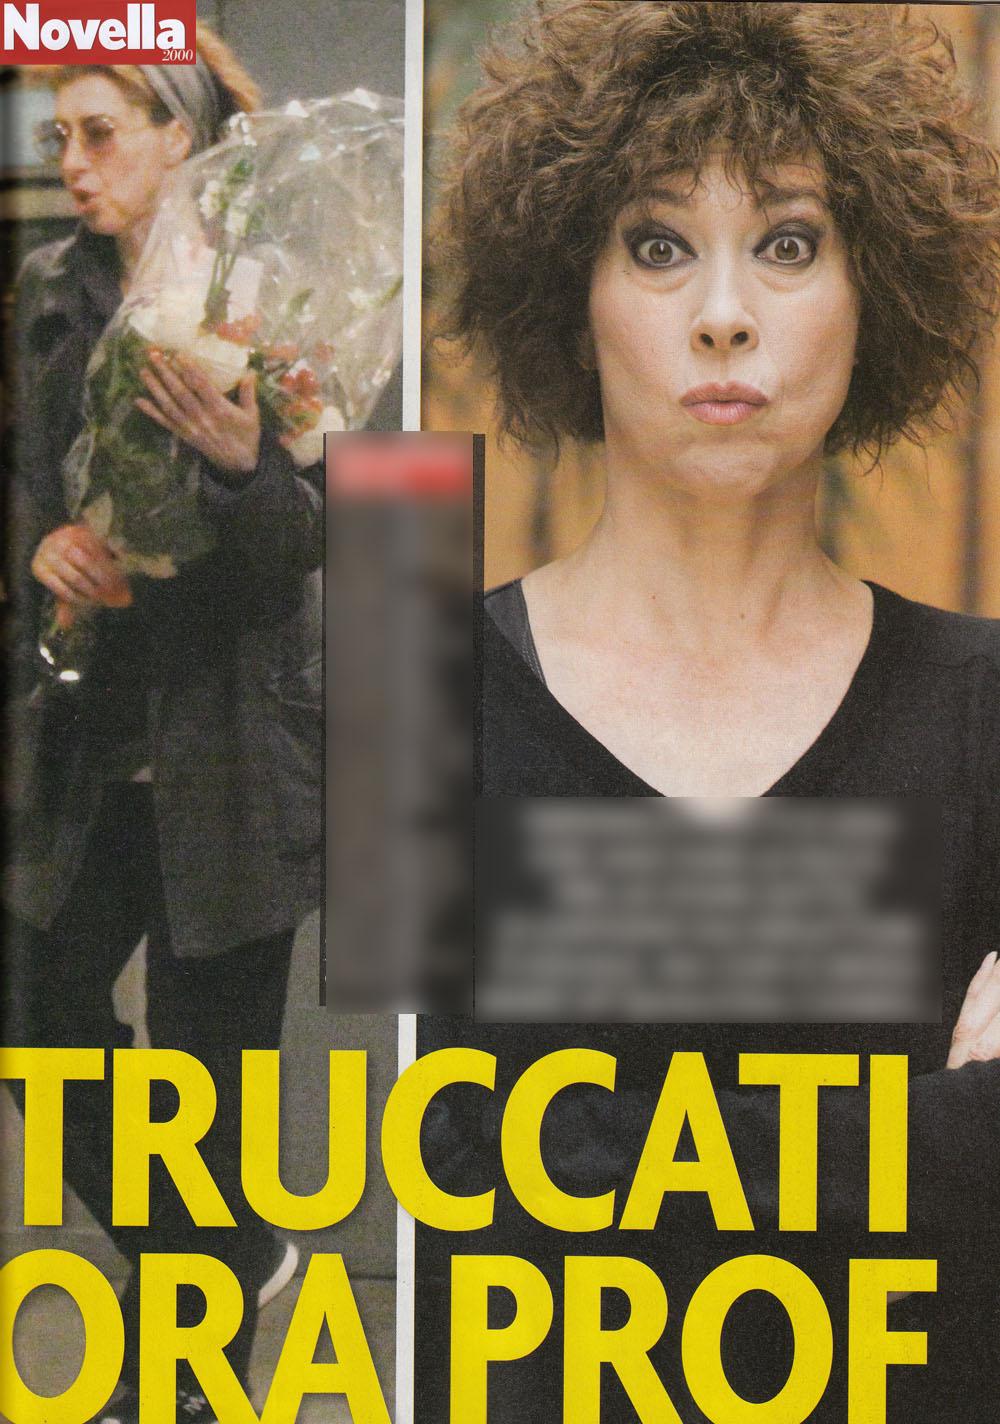 Veronica Pivetti, senza trucco è da paura